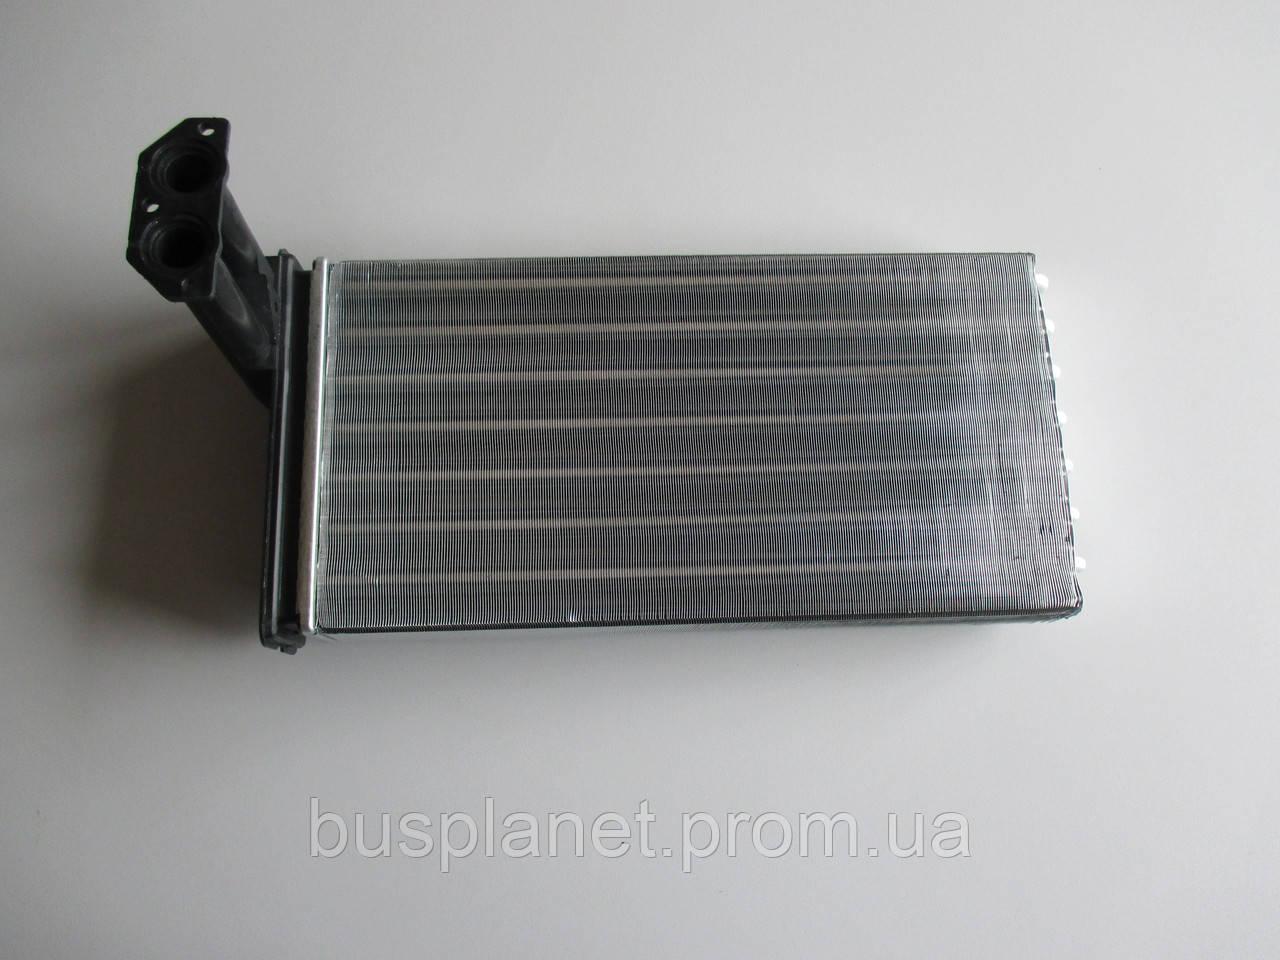 Радиатор печки (обогреватель, отопитель салона)